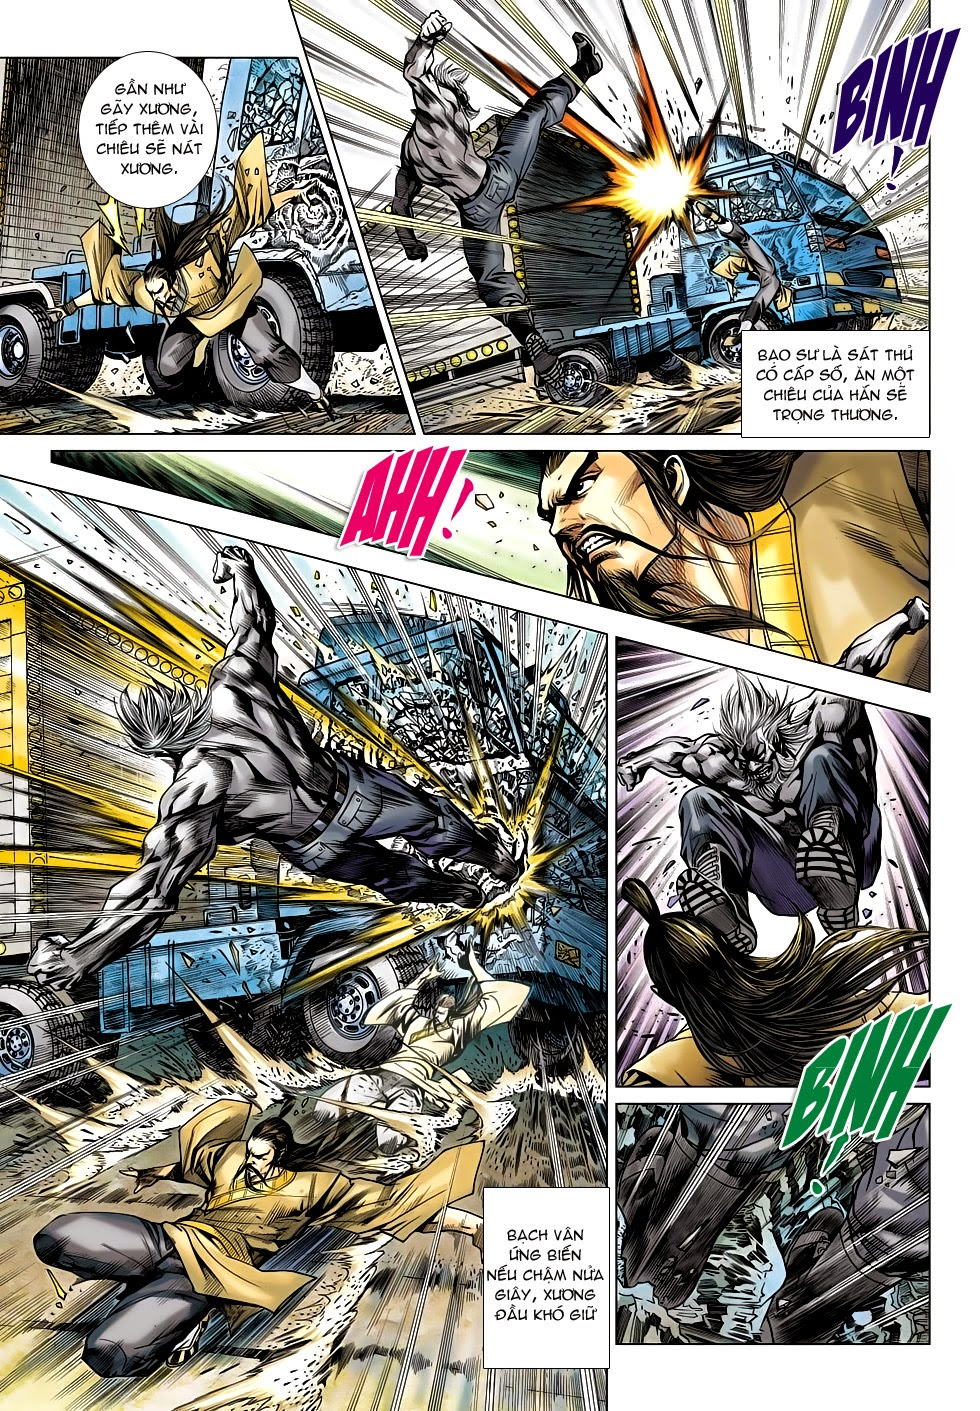 Tân Tác Long Hổ Môn trang 15